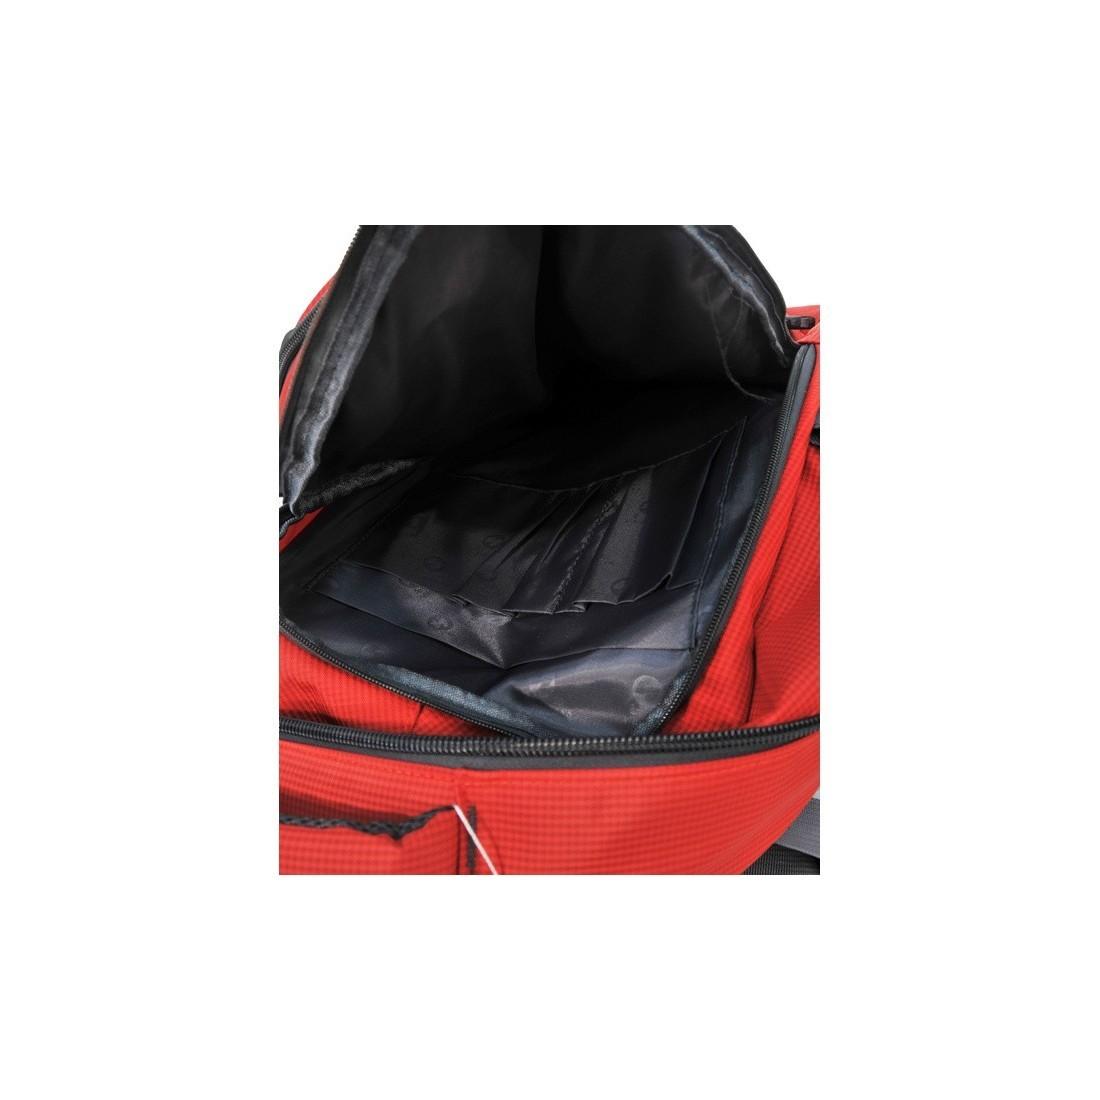 Plecak młodzieżowy czerwony na laptop - plecak-tornister.pl